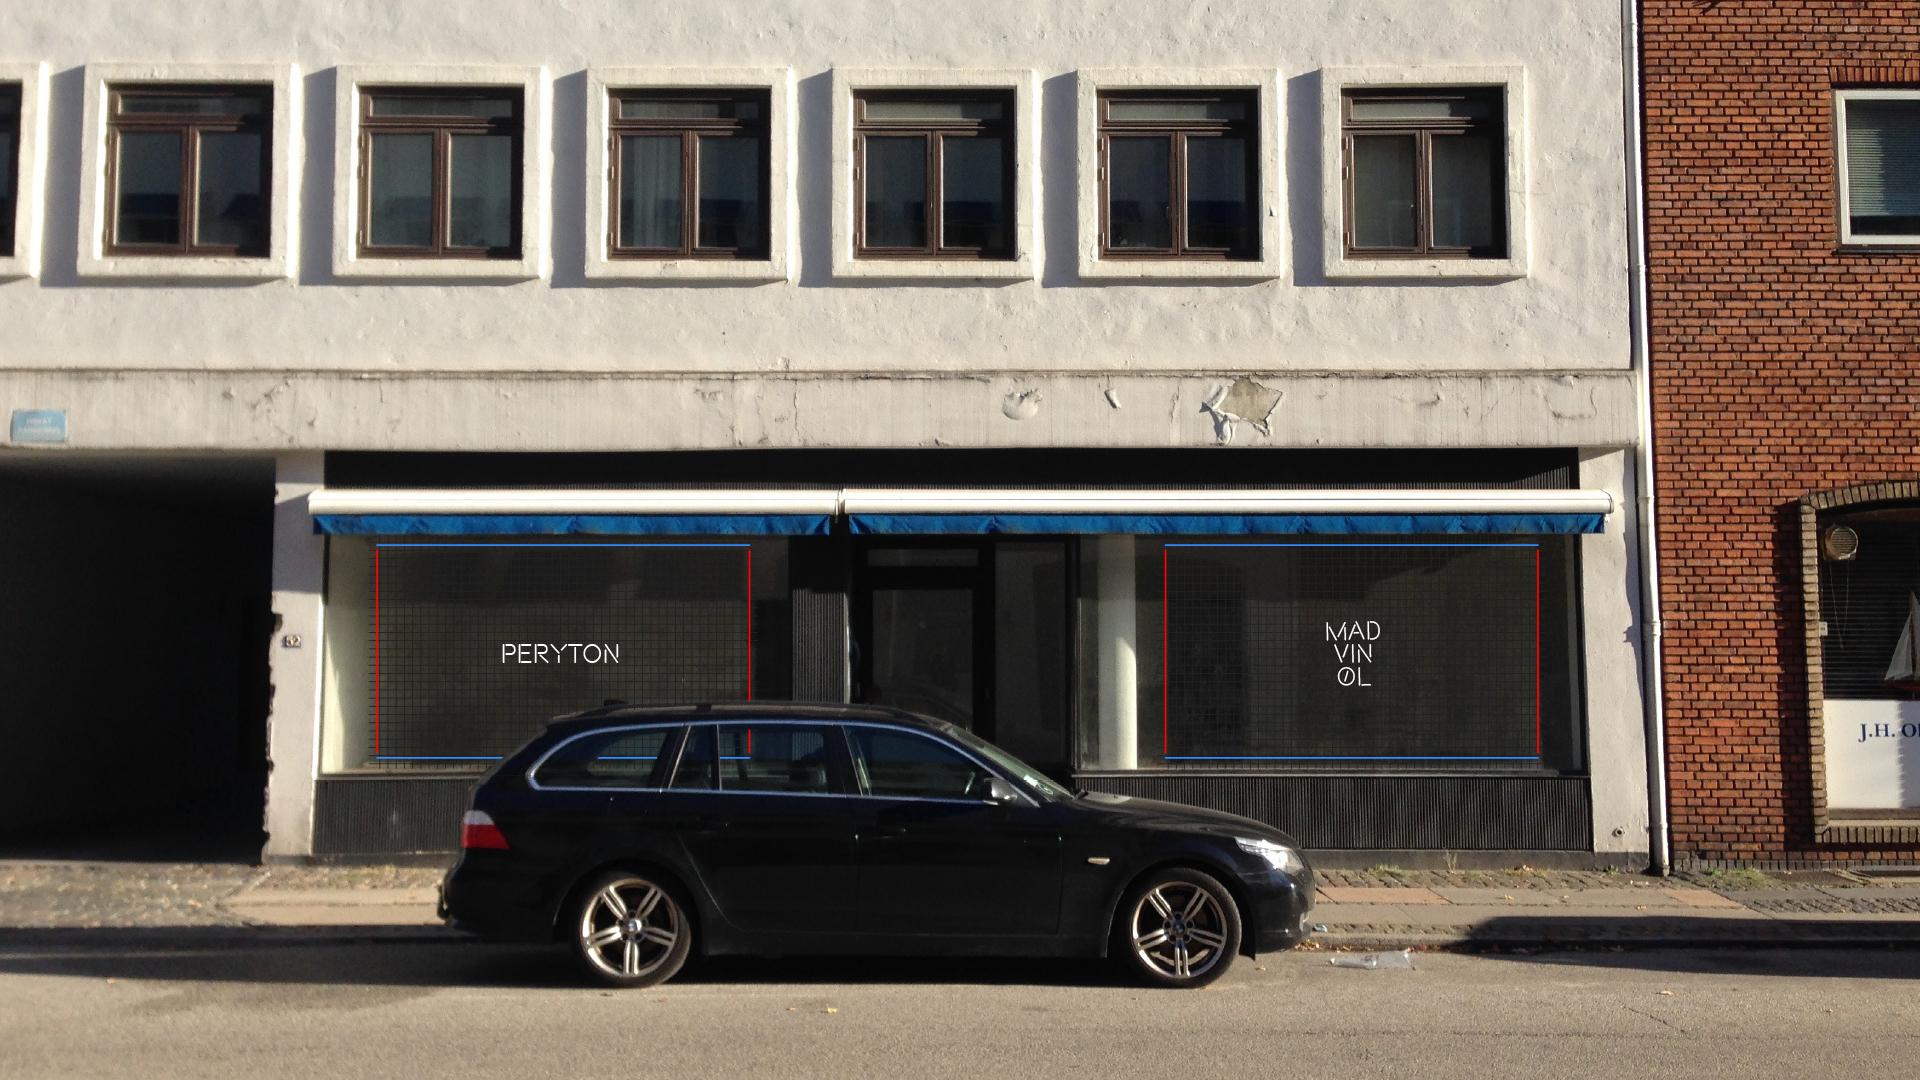 Peryton_shopfront-dummy.jpg